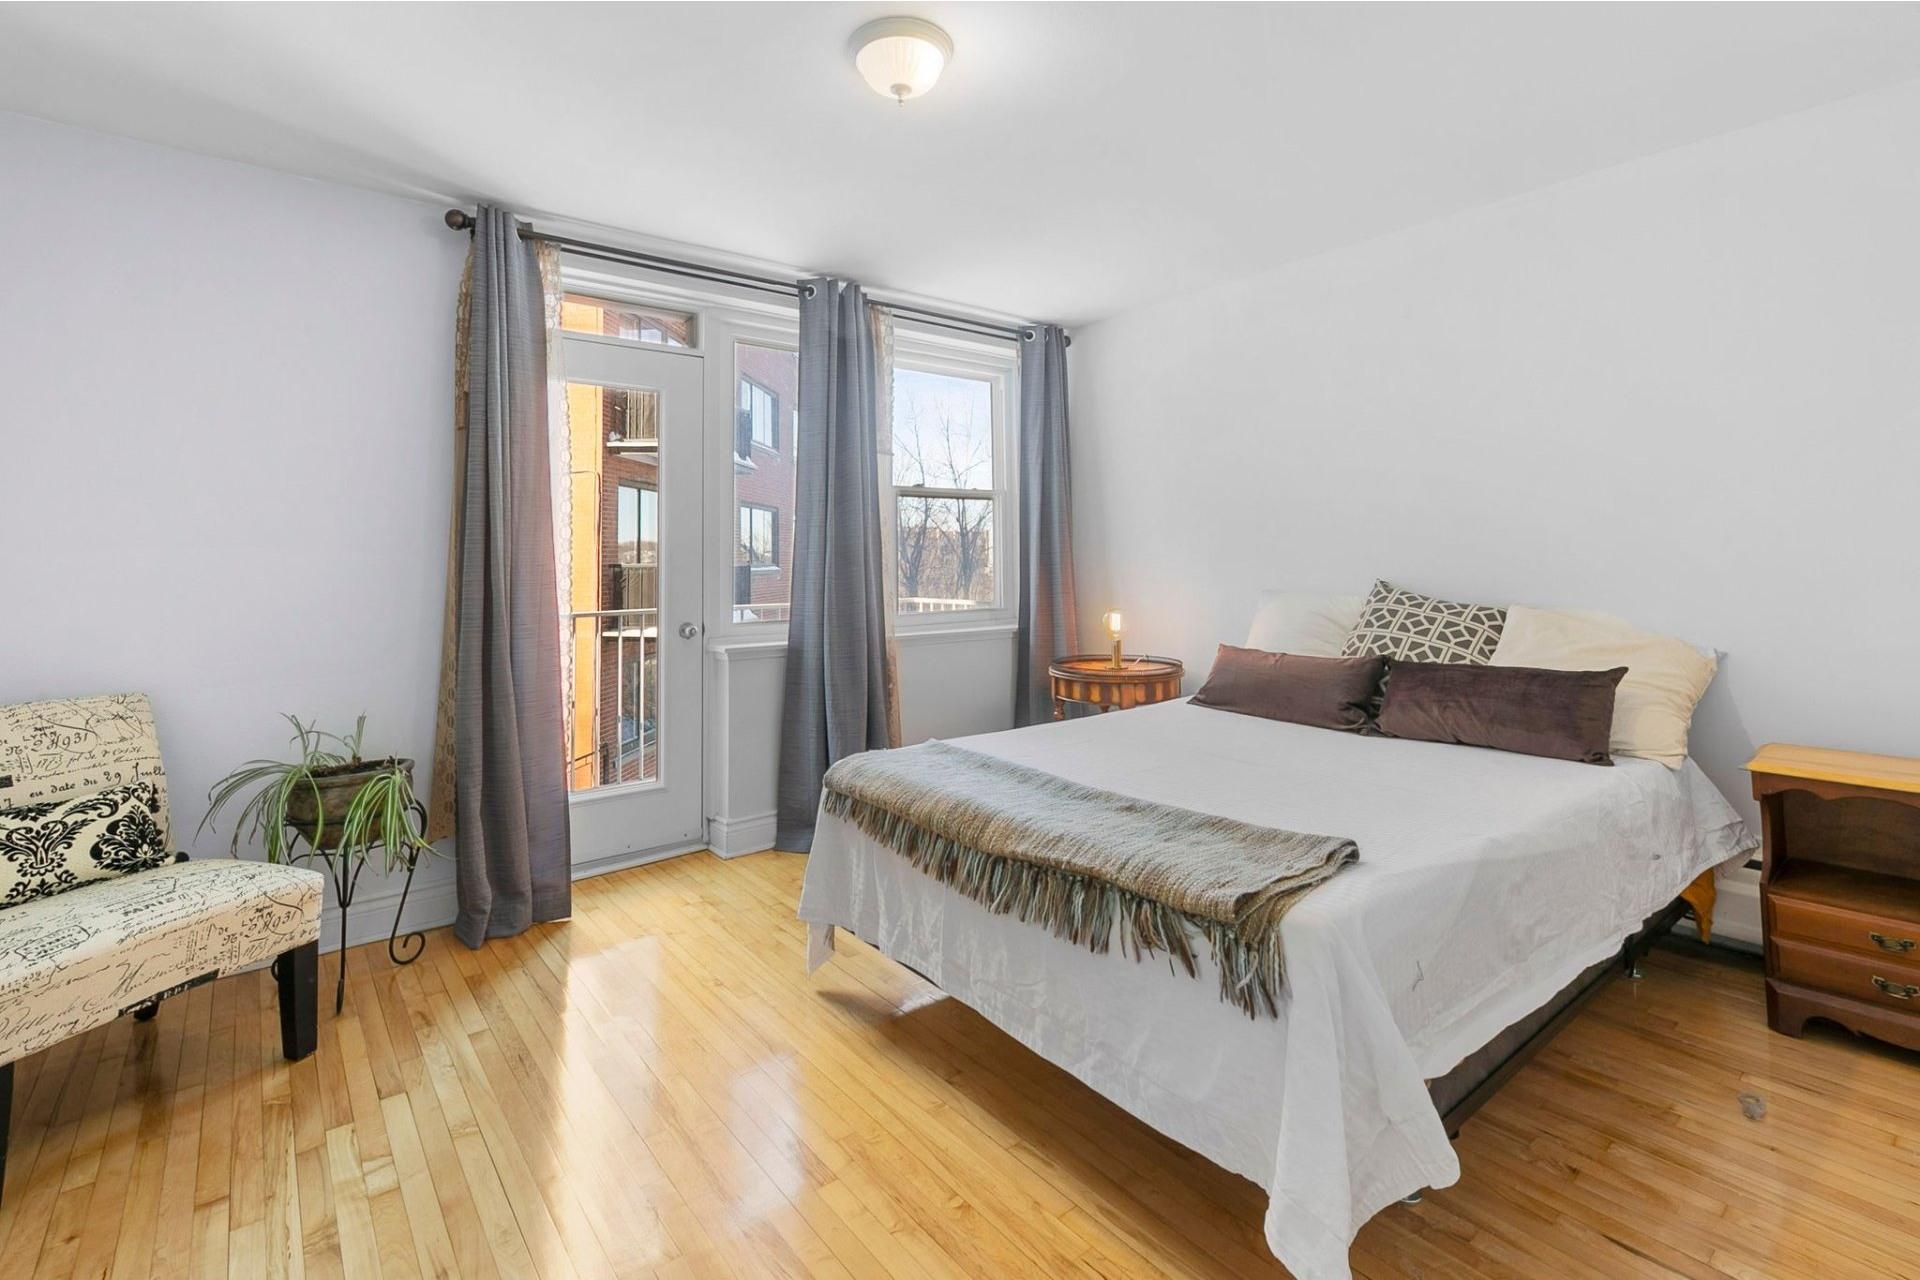 image 12 - Appartement À vendre Côte-des-Neiges/Notre-Dame-de-Grâce Montréal  - 4 pièces